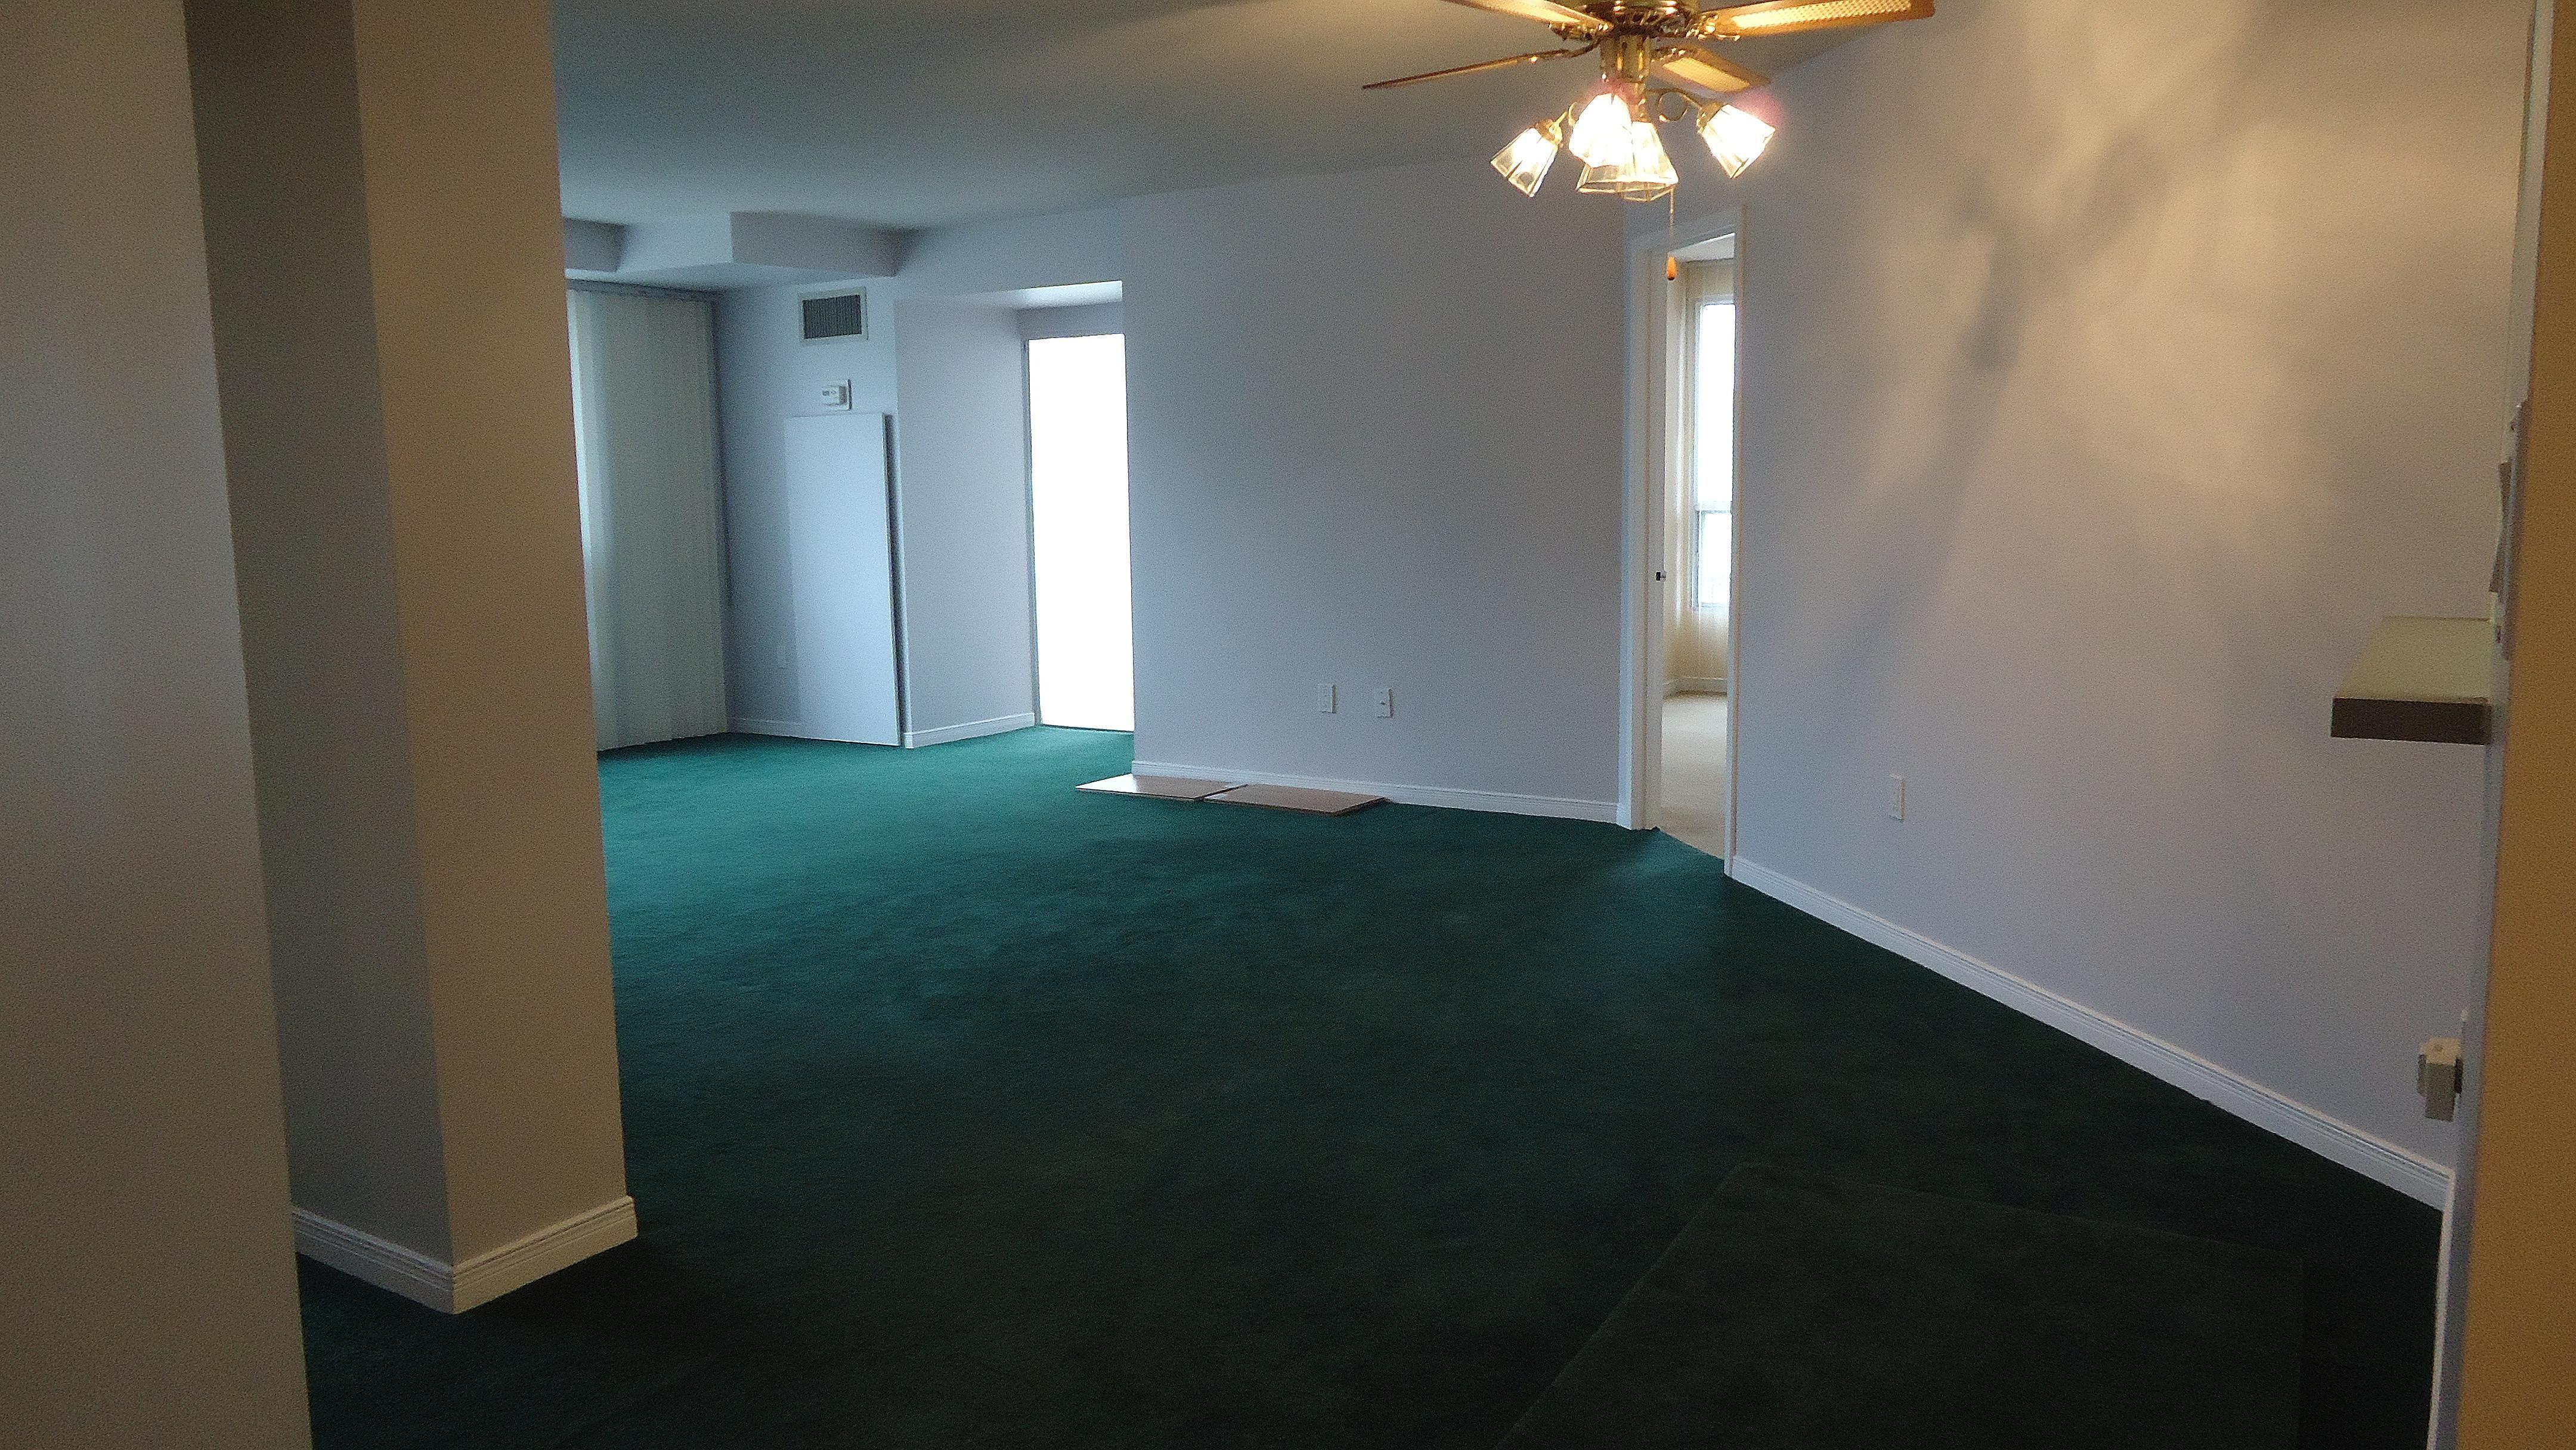 Elegant Dark Green Carpet Living Room Ideas Living Room Carpet Green Carpet Living Room Decor Images